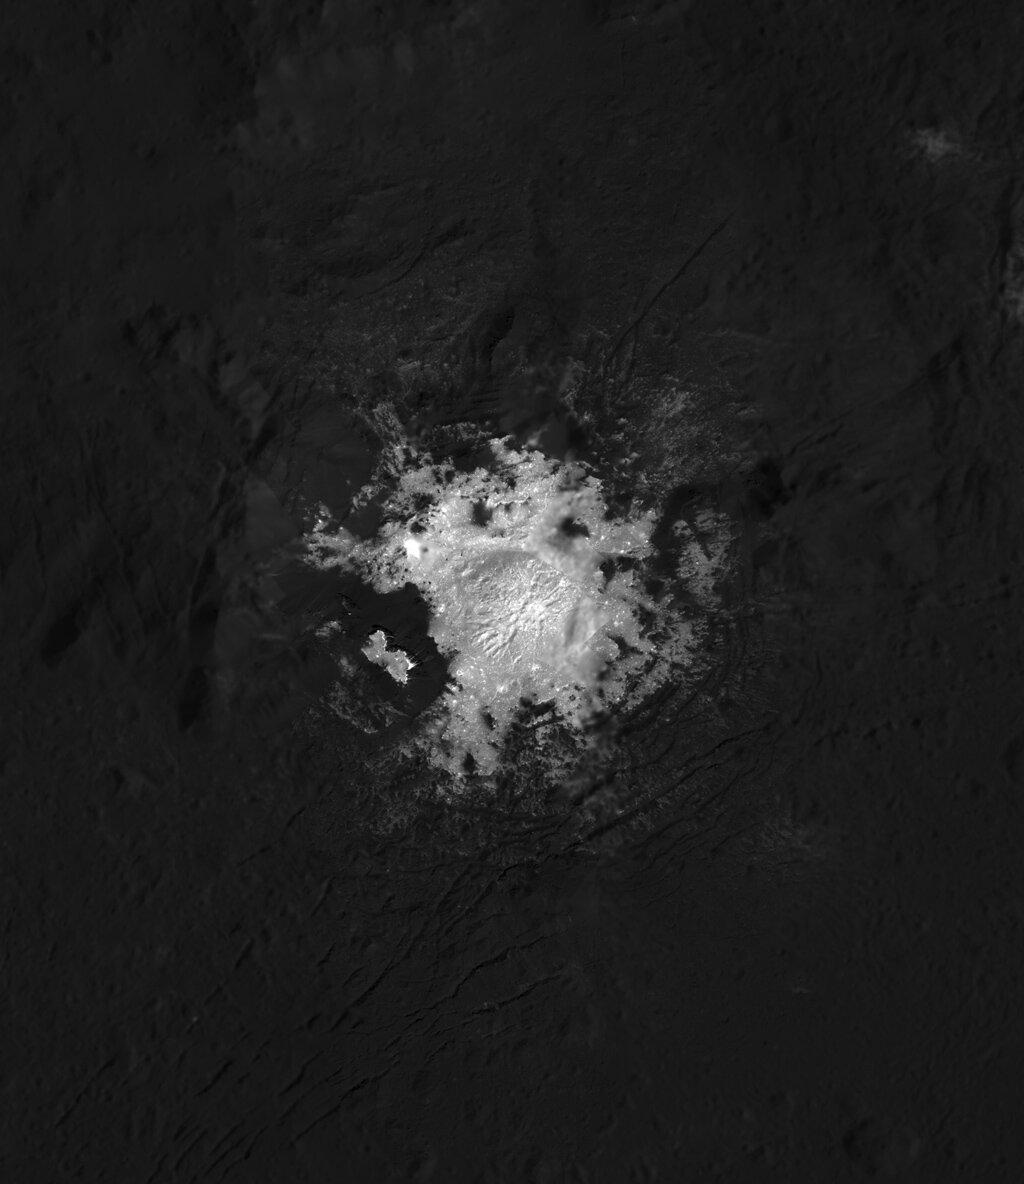 Светлые пятна на Церере, скорее всего, являются отложениями солей.